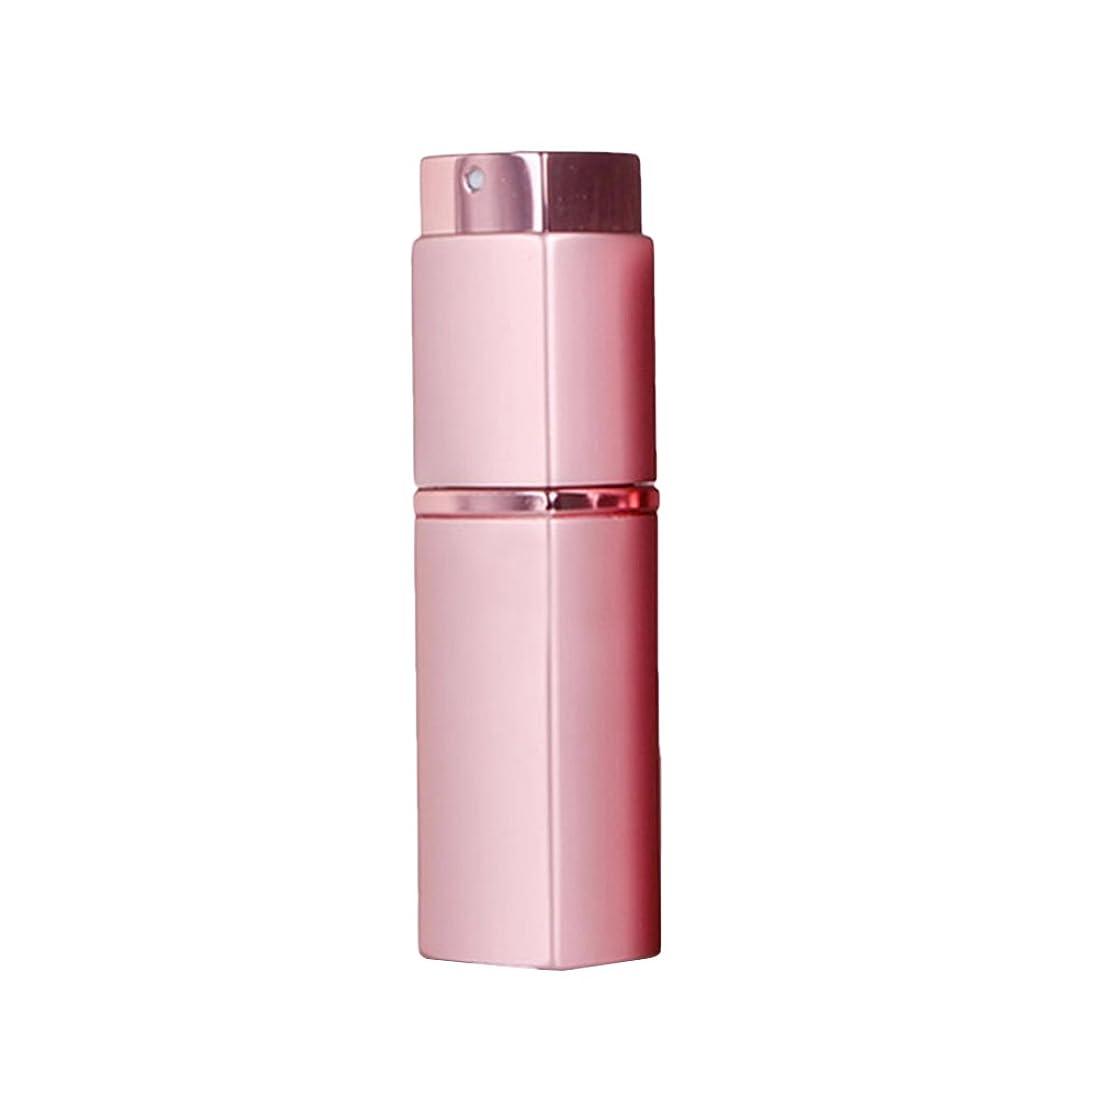 枝彫刻に応じて20ML 方形 香水 化粧水 アトマイザー スプレー ボトル 携帯用 (ピンク)